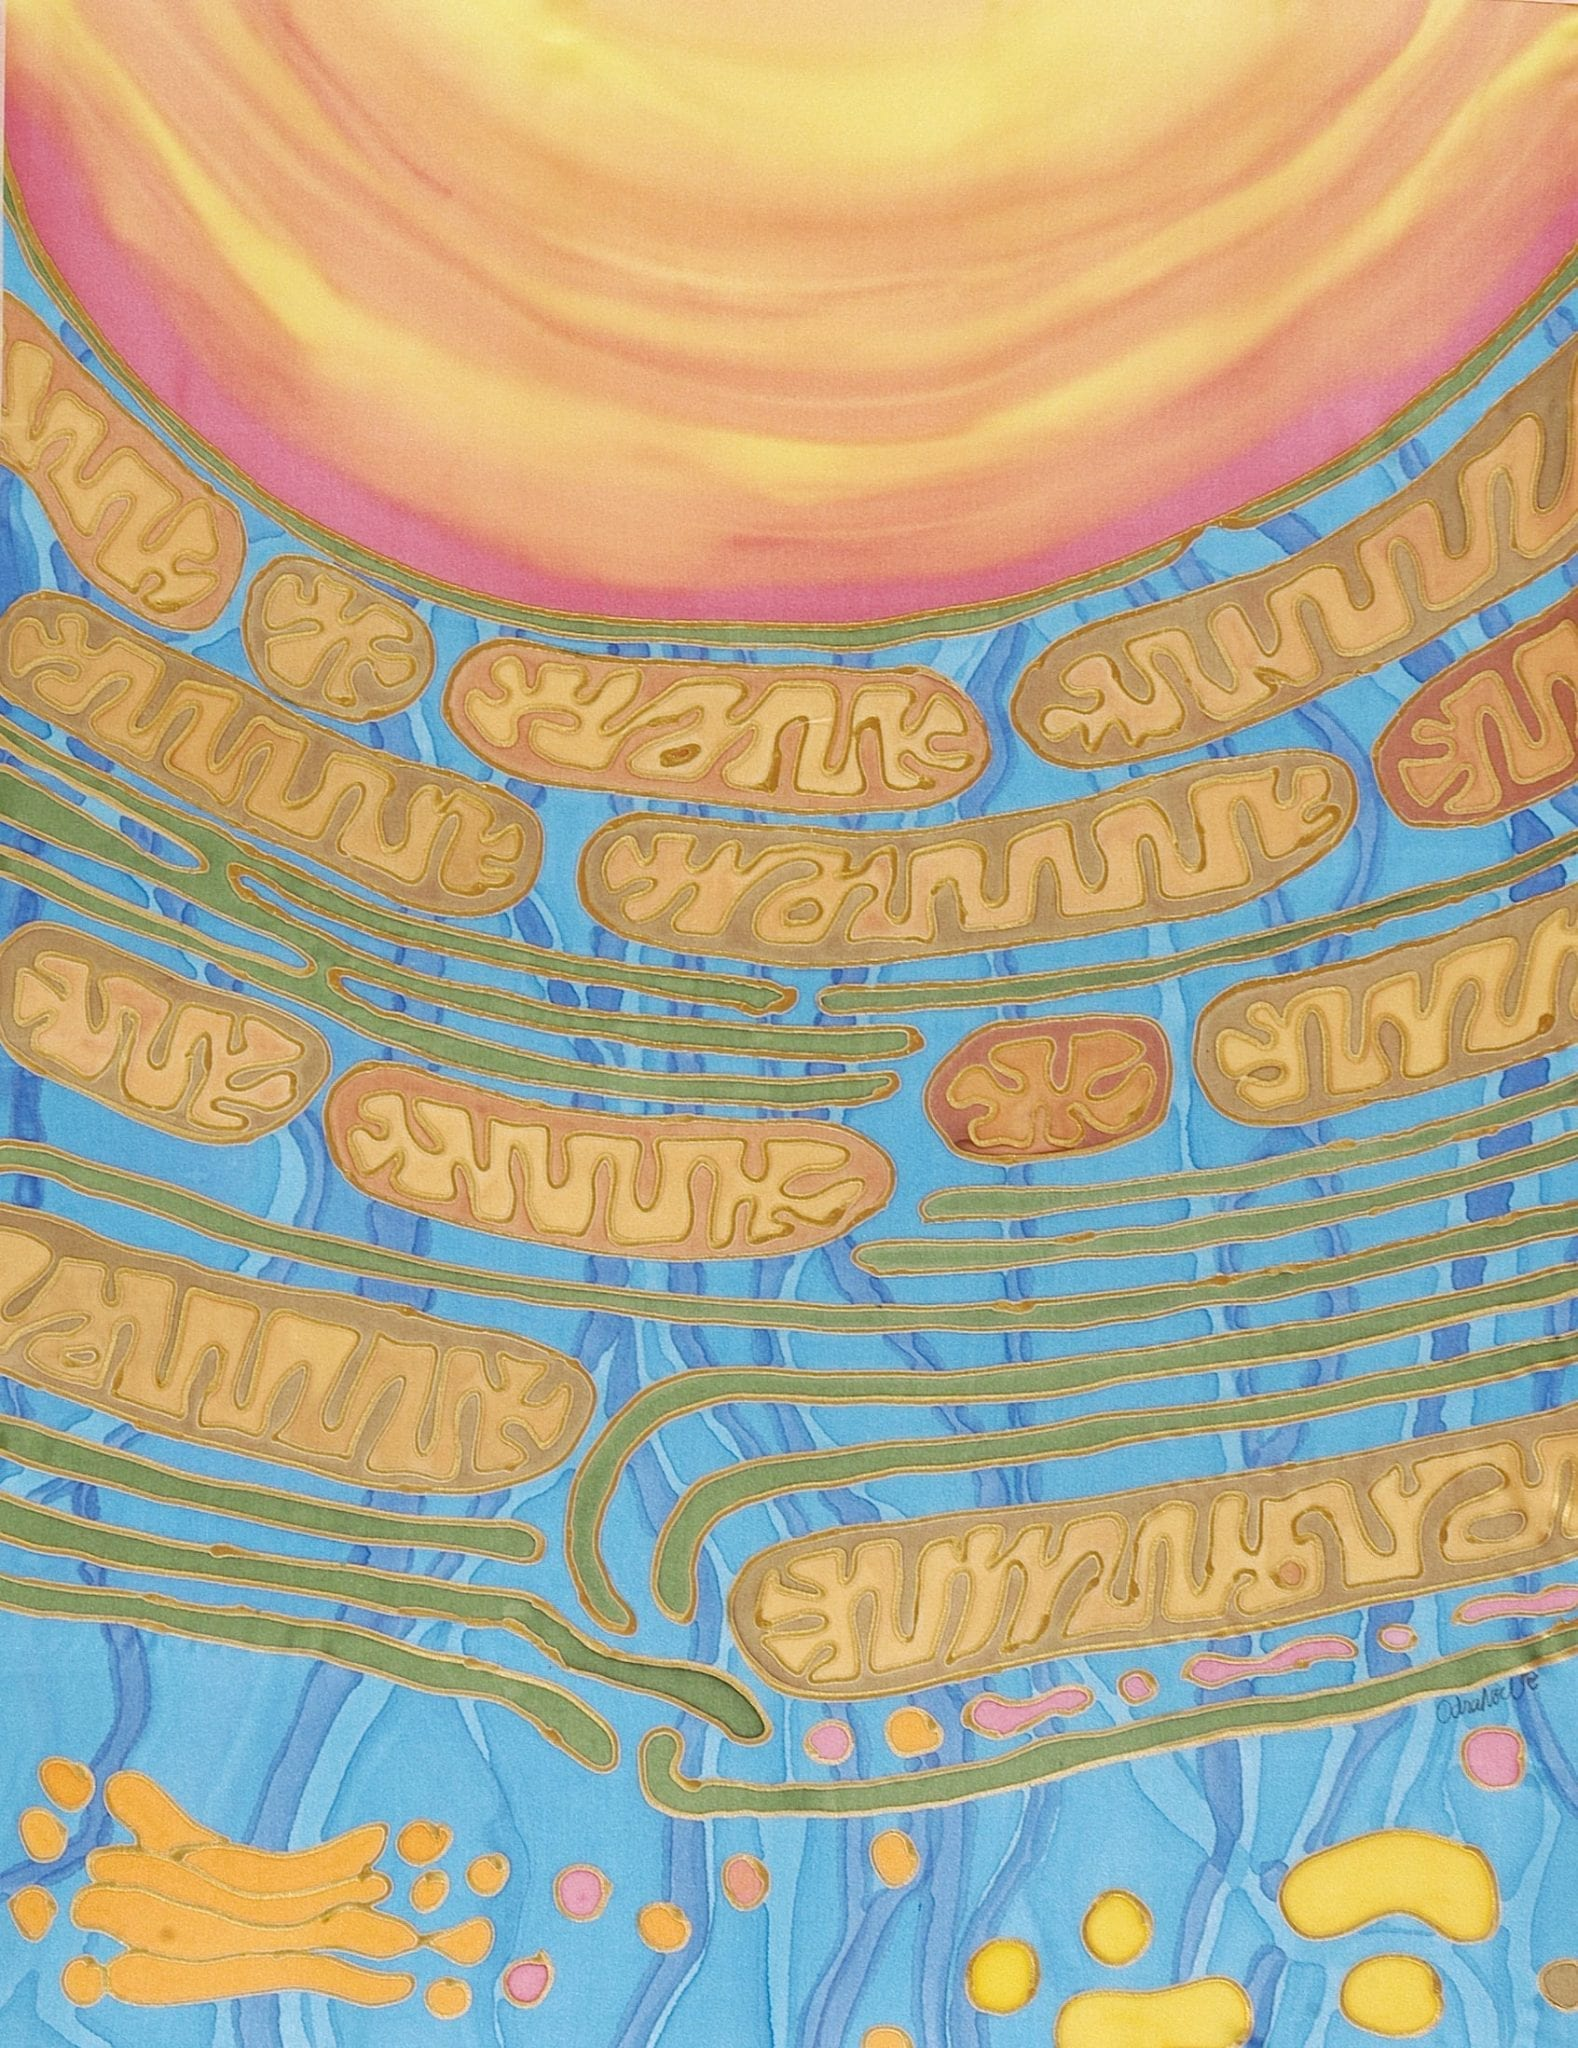 Mitonuclear Dawn by Odra noel